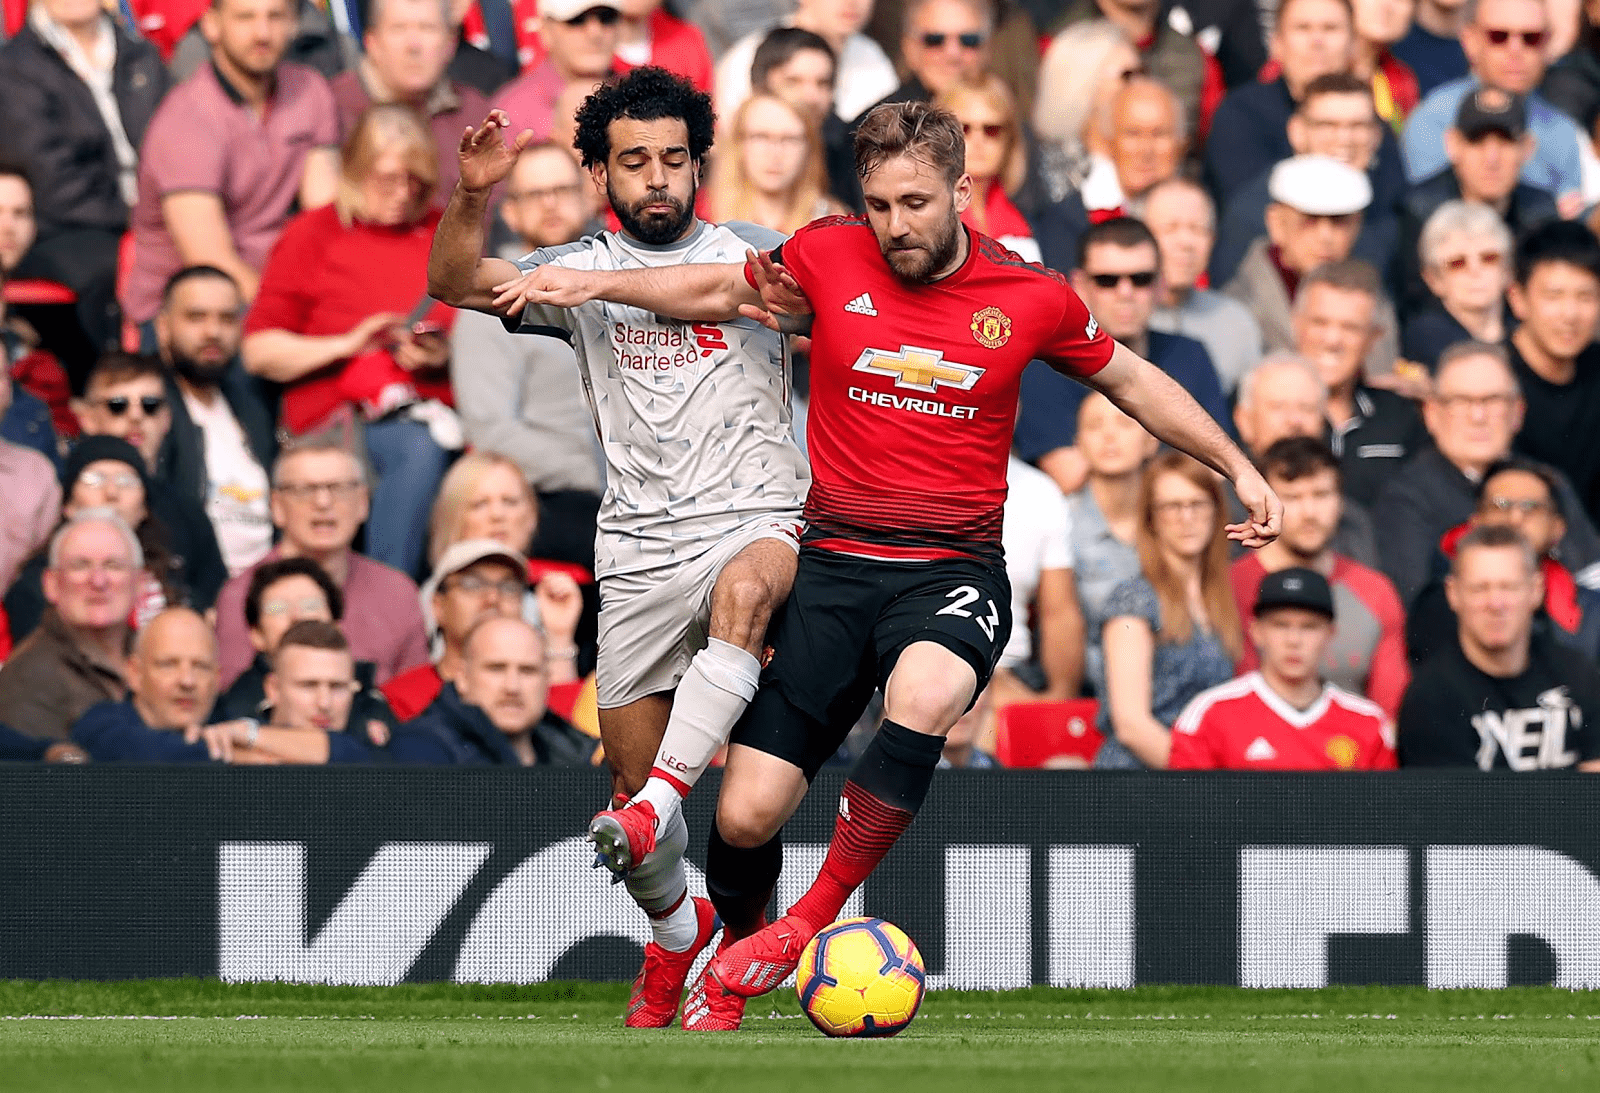 Soi kèo Liverpool vs Manchester United vào ngày 19/1/2020